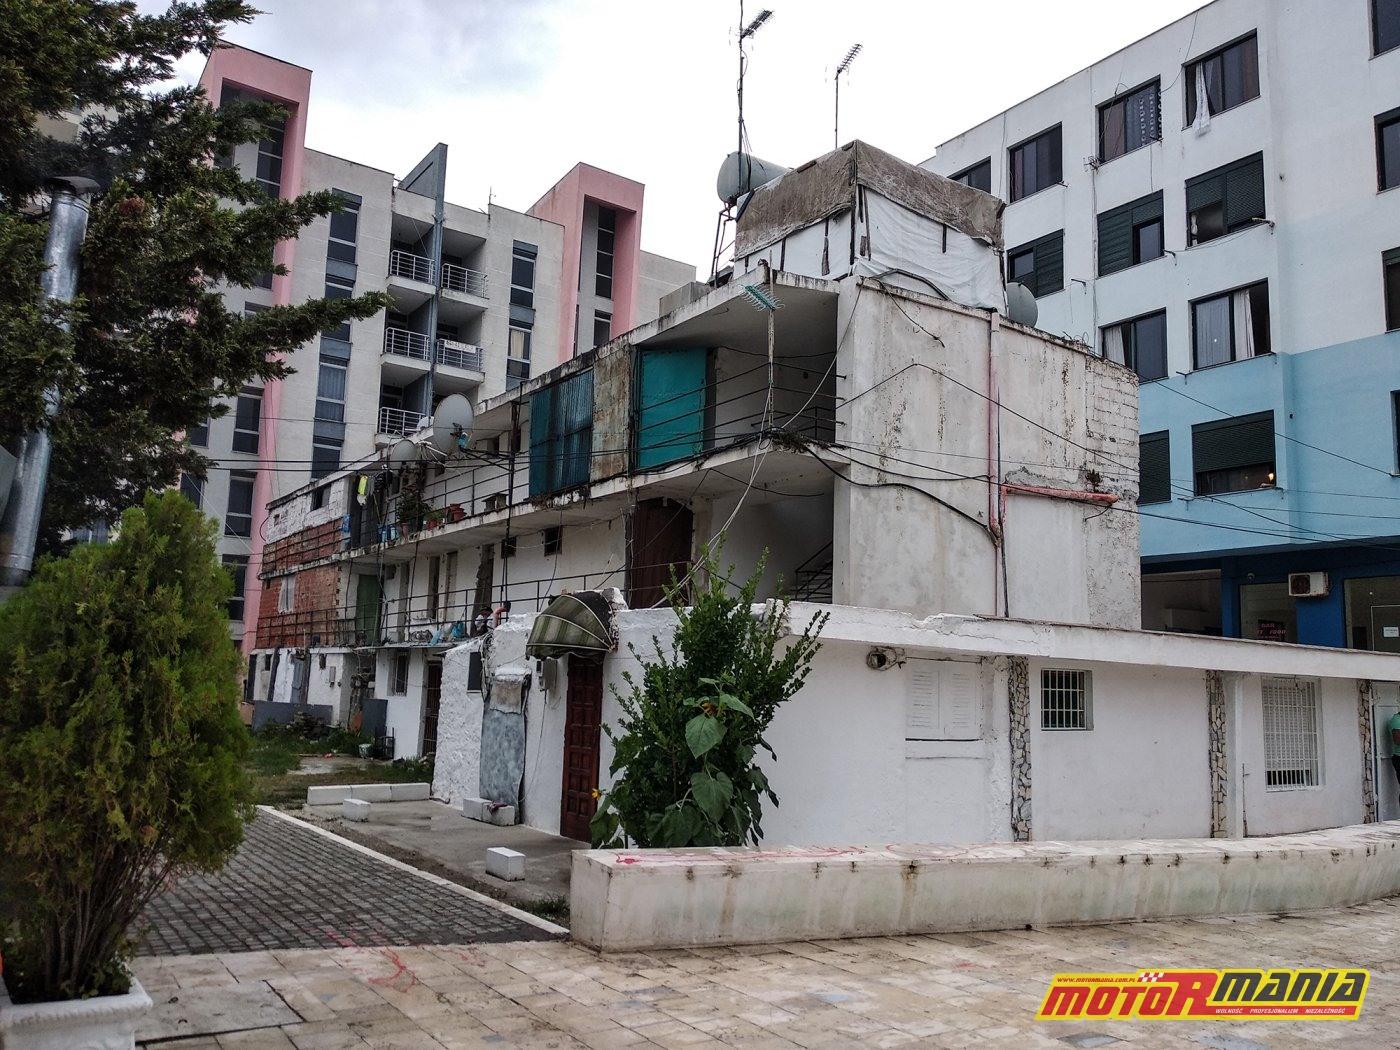 Durres - slumsy obok hote;i